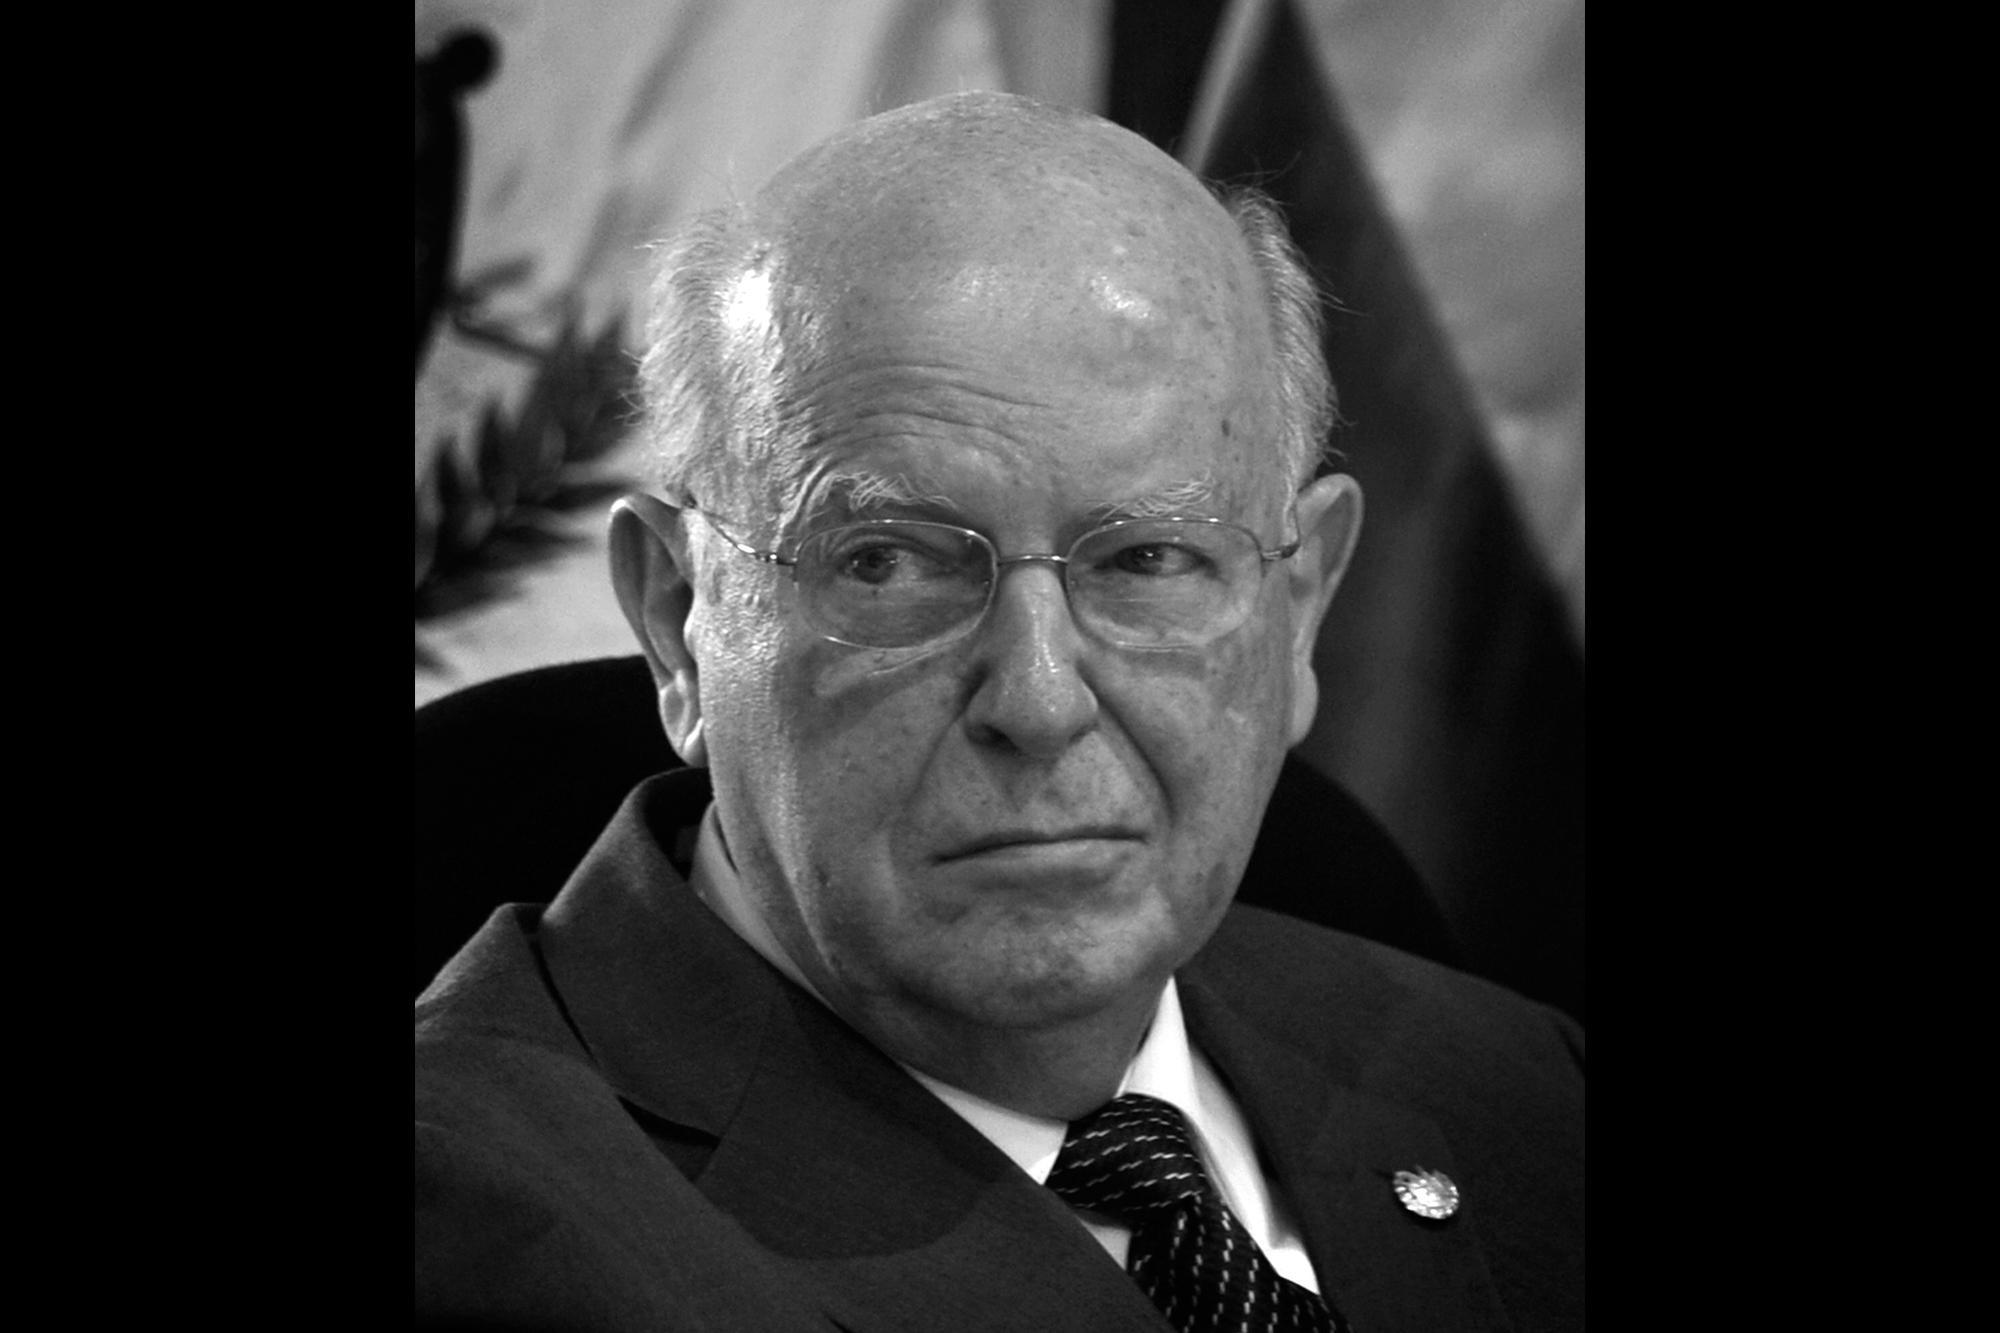 Héctor Dada Hirezi es economista. Fue ministro de Economía durante el gobierno de Mauricio Funes y diputado en los periodos 1966-1970 y 2003-2012. También fue canciller de la República después del golpe de Estado de 1979 y miembro de la Junta Revolucionaria de Gobierno entre enero y marzo de 1980.